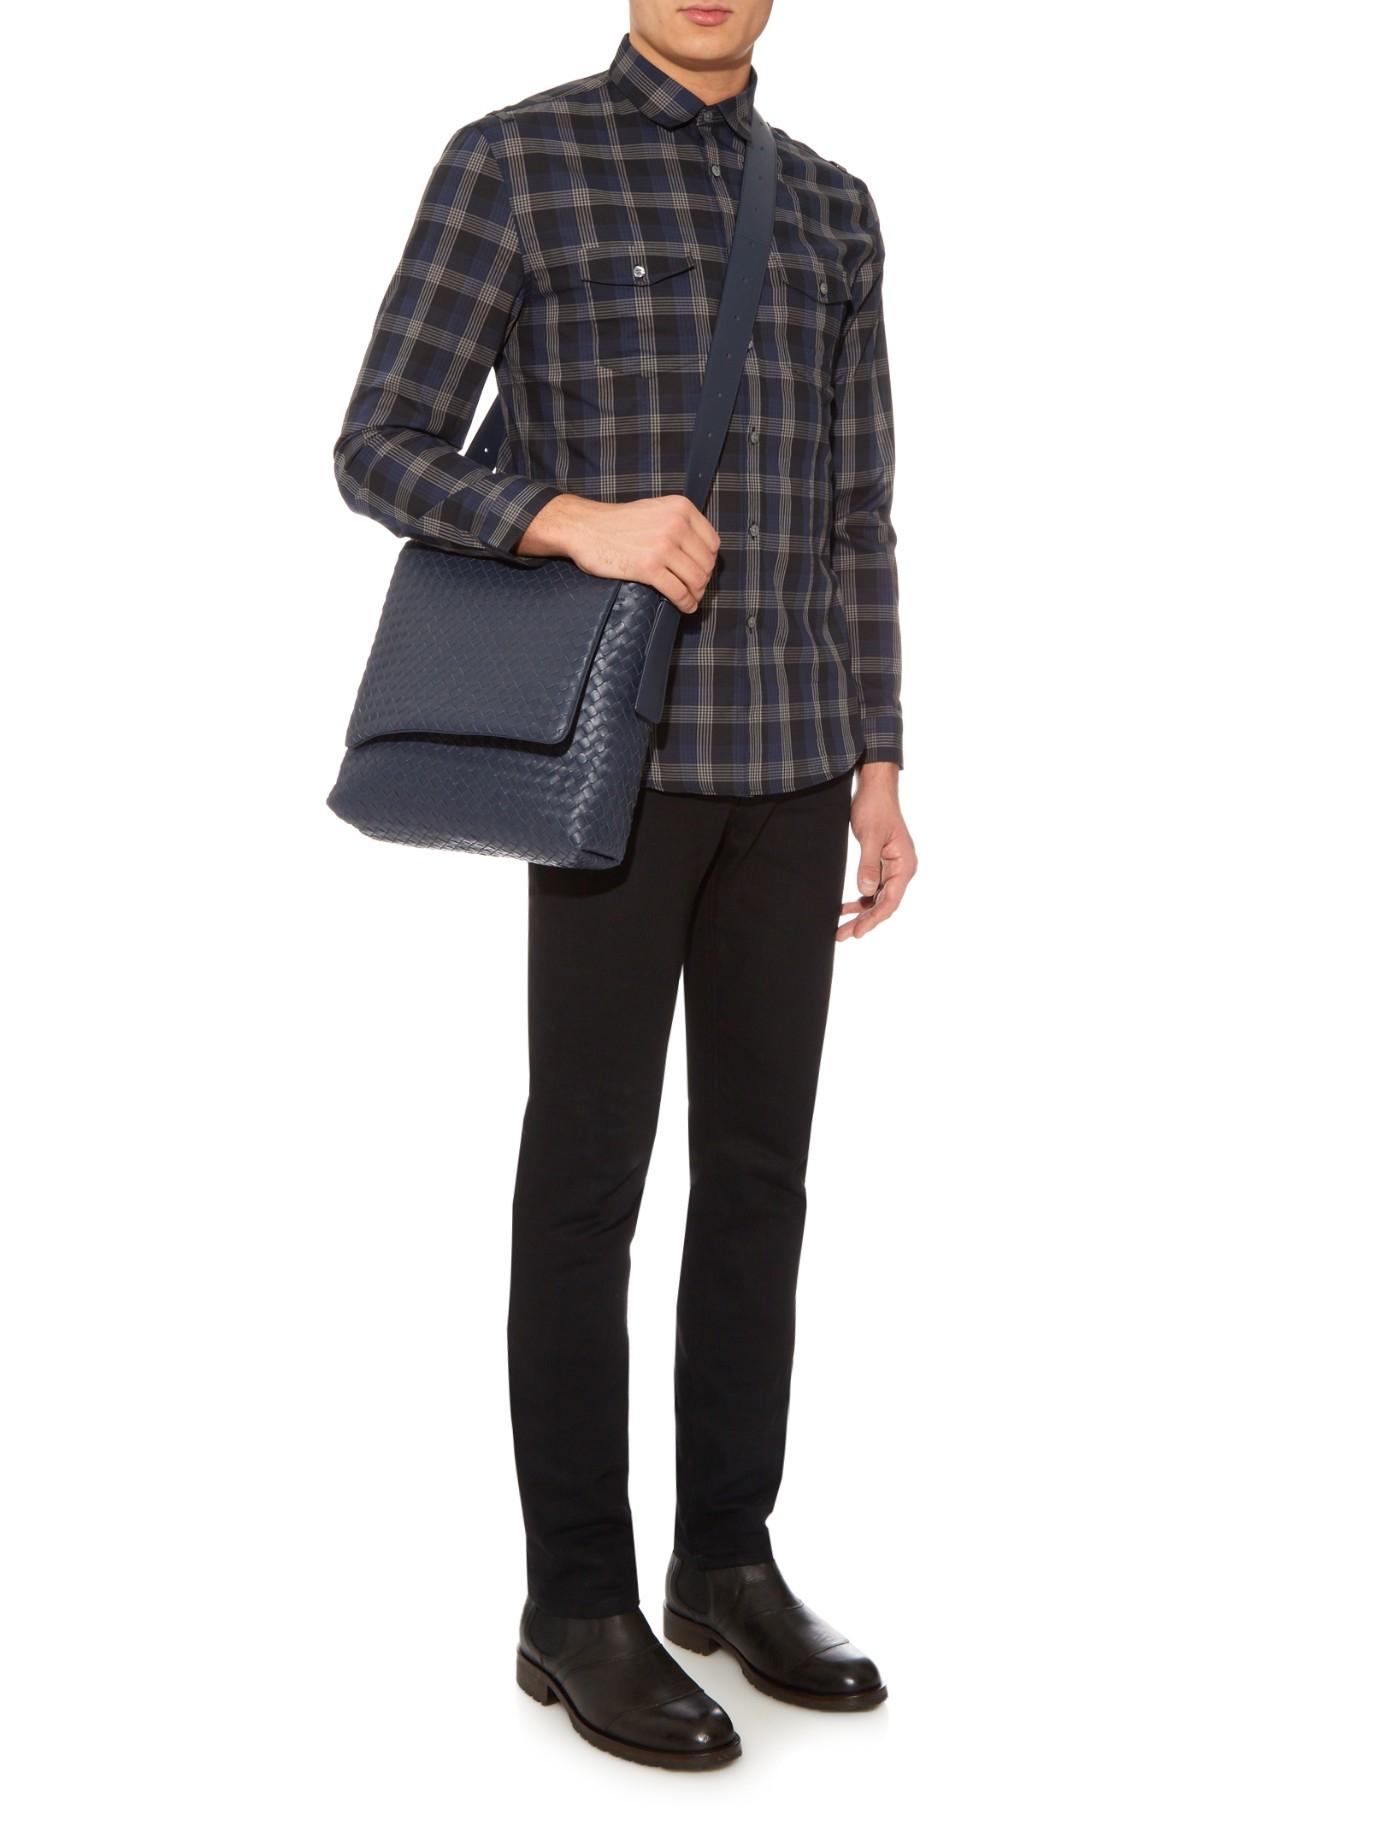 2c7c82f2ec Bottega Veneta Intrecciato Leather Messenger Bag in Blue for Men - Lyst